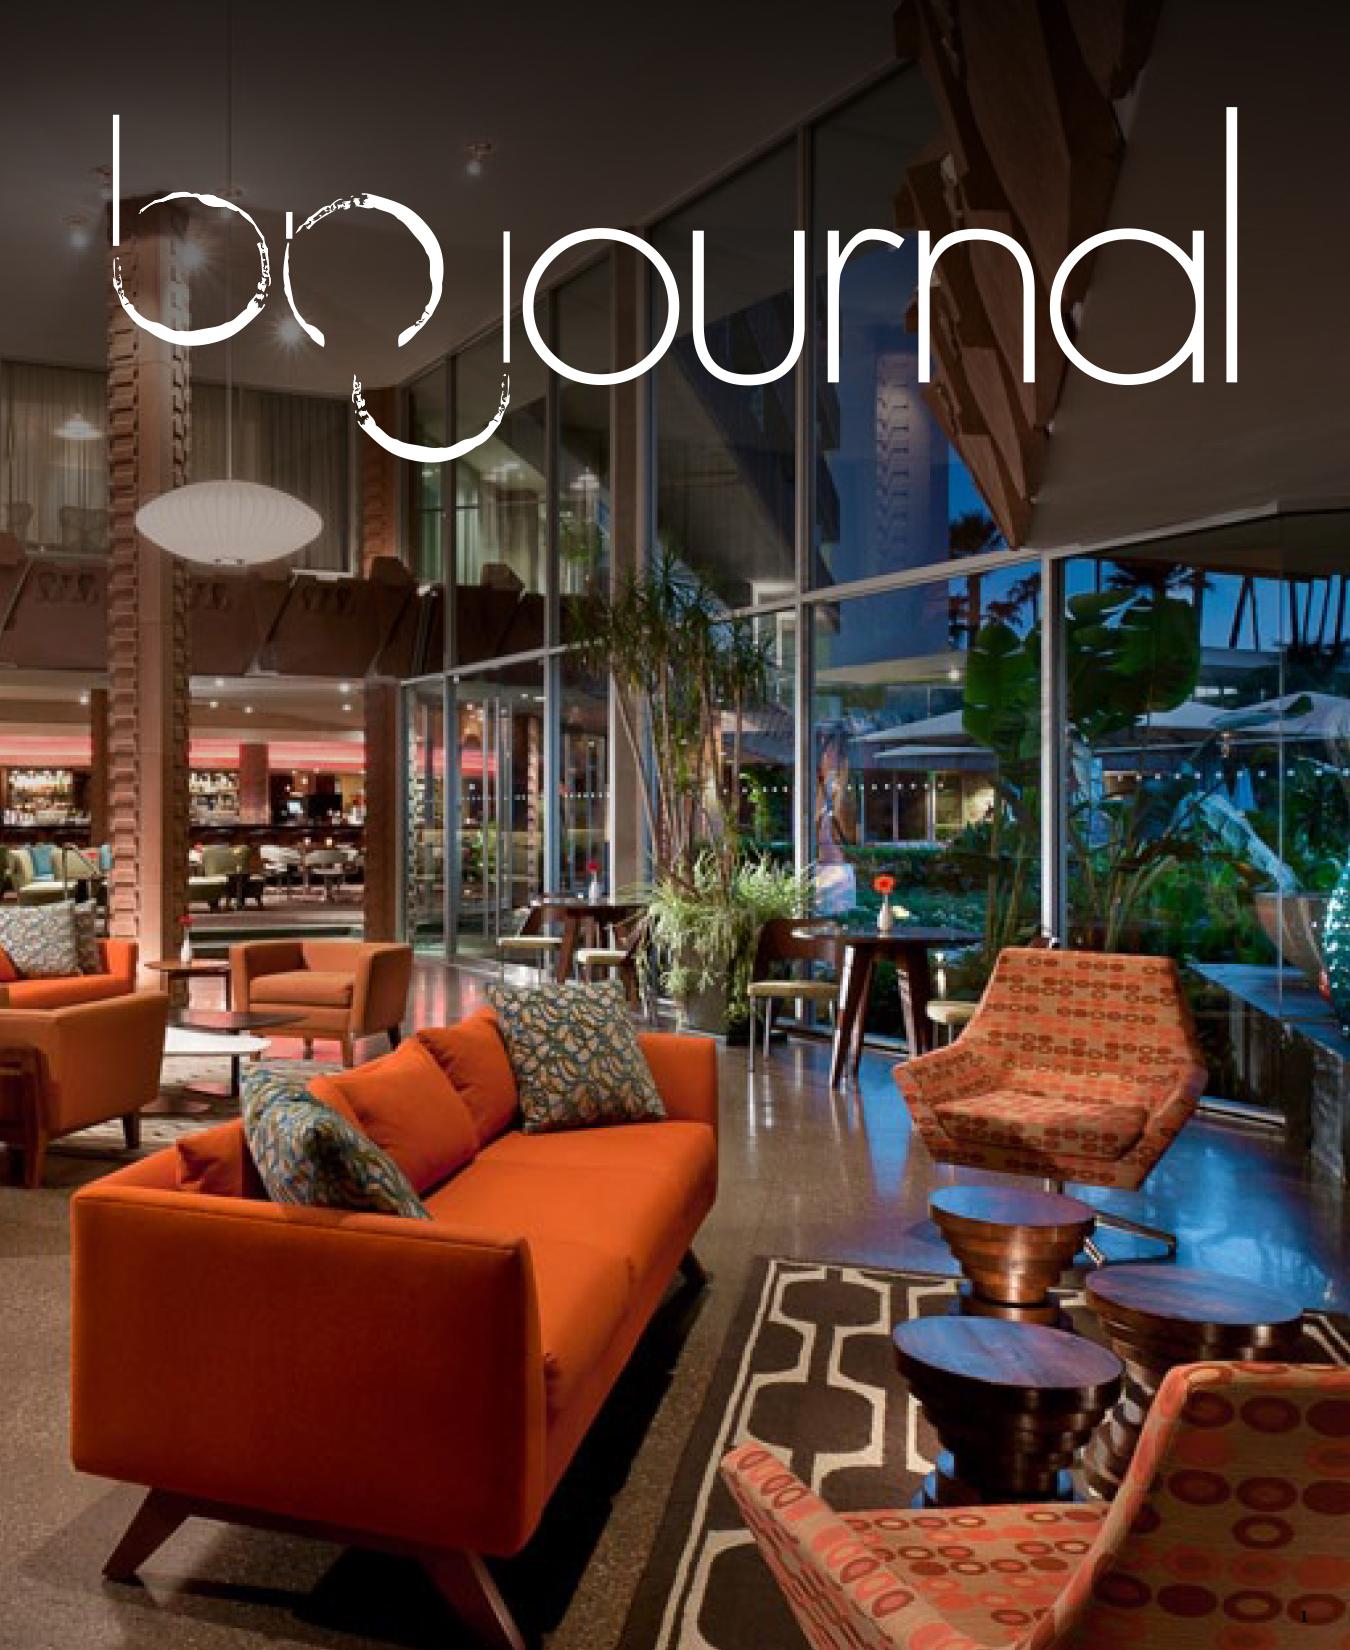 BN JOURNAL<br>VOLUME 1 ISSUE 1